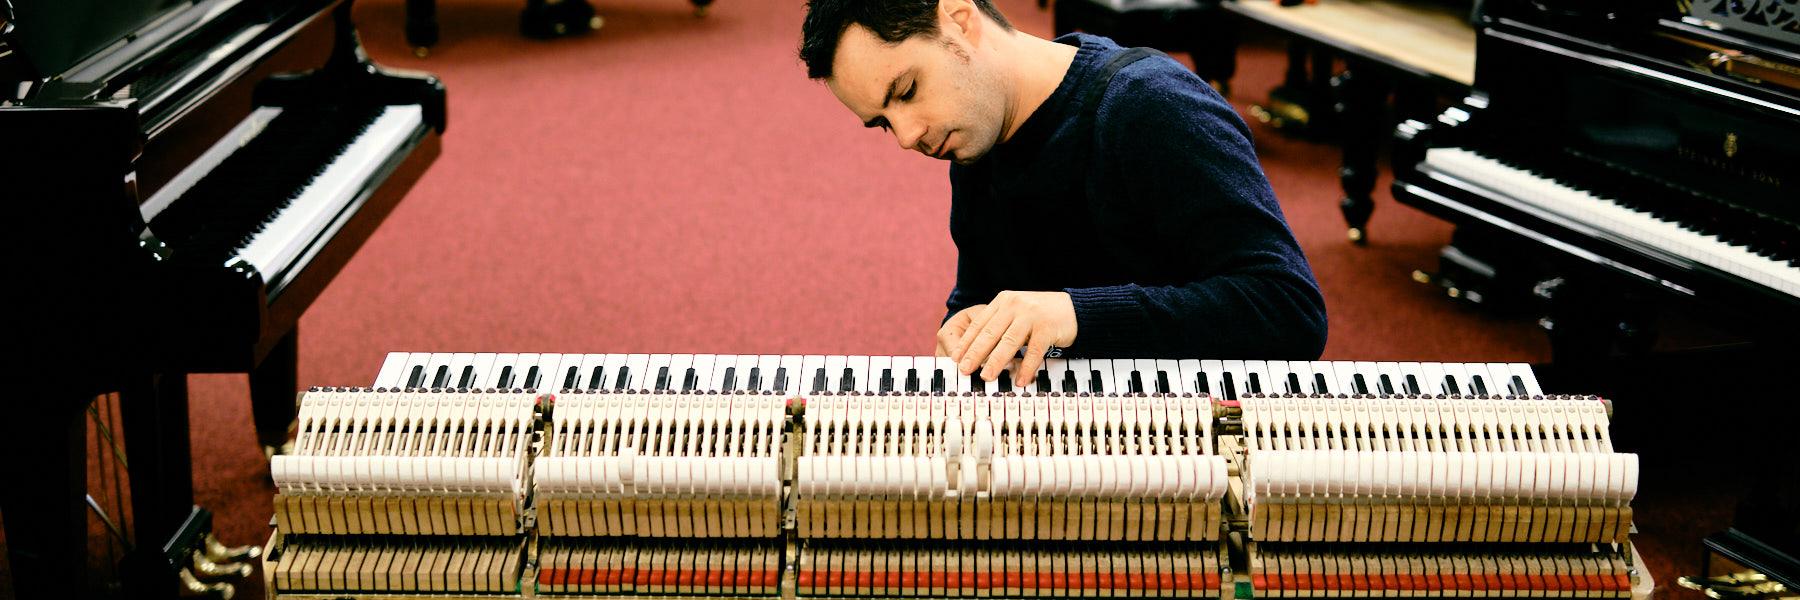 Van Dongen Piano's Pianostemmer 3 tim leguijt fotografie